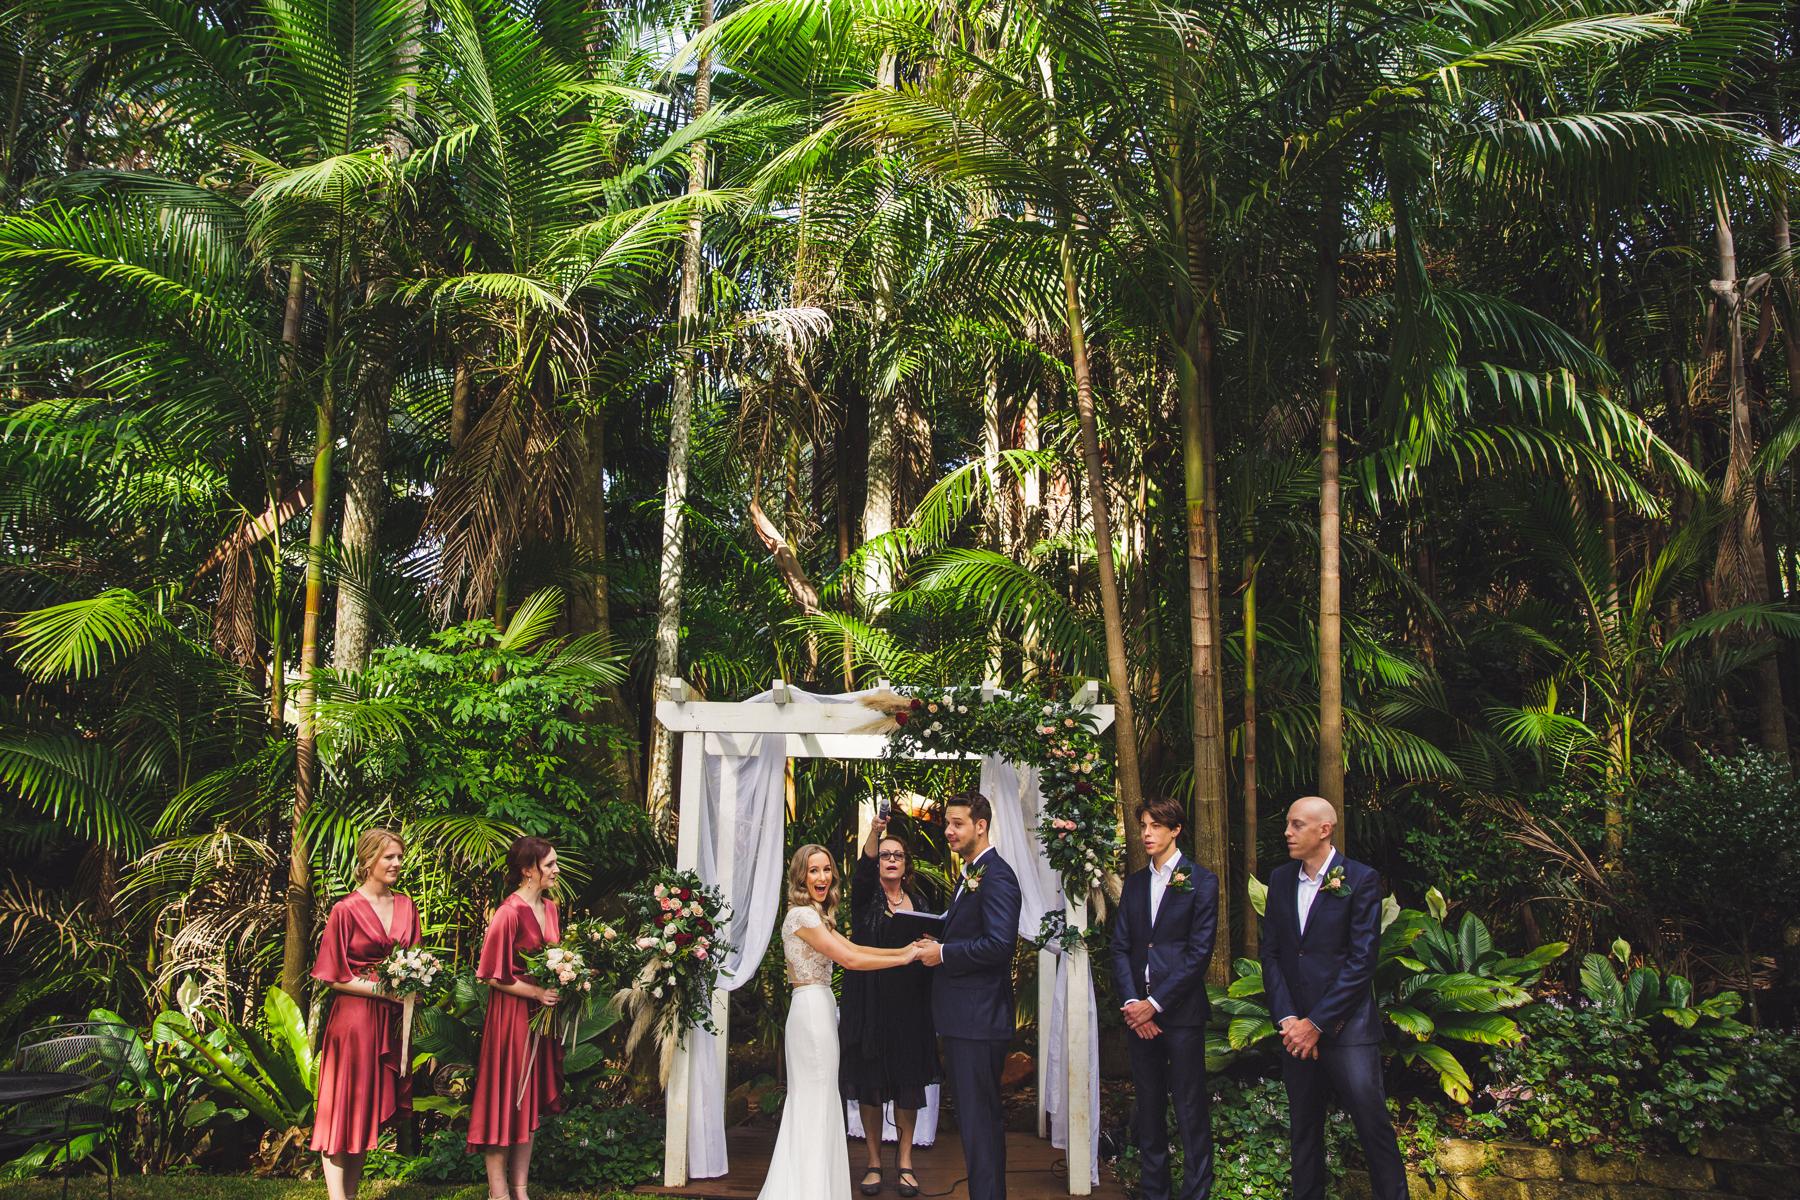 Mount Tamborine Wedding Ceremony